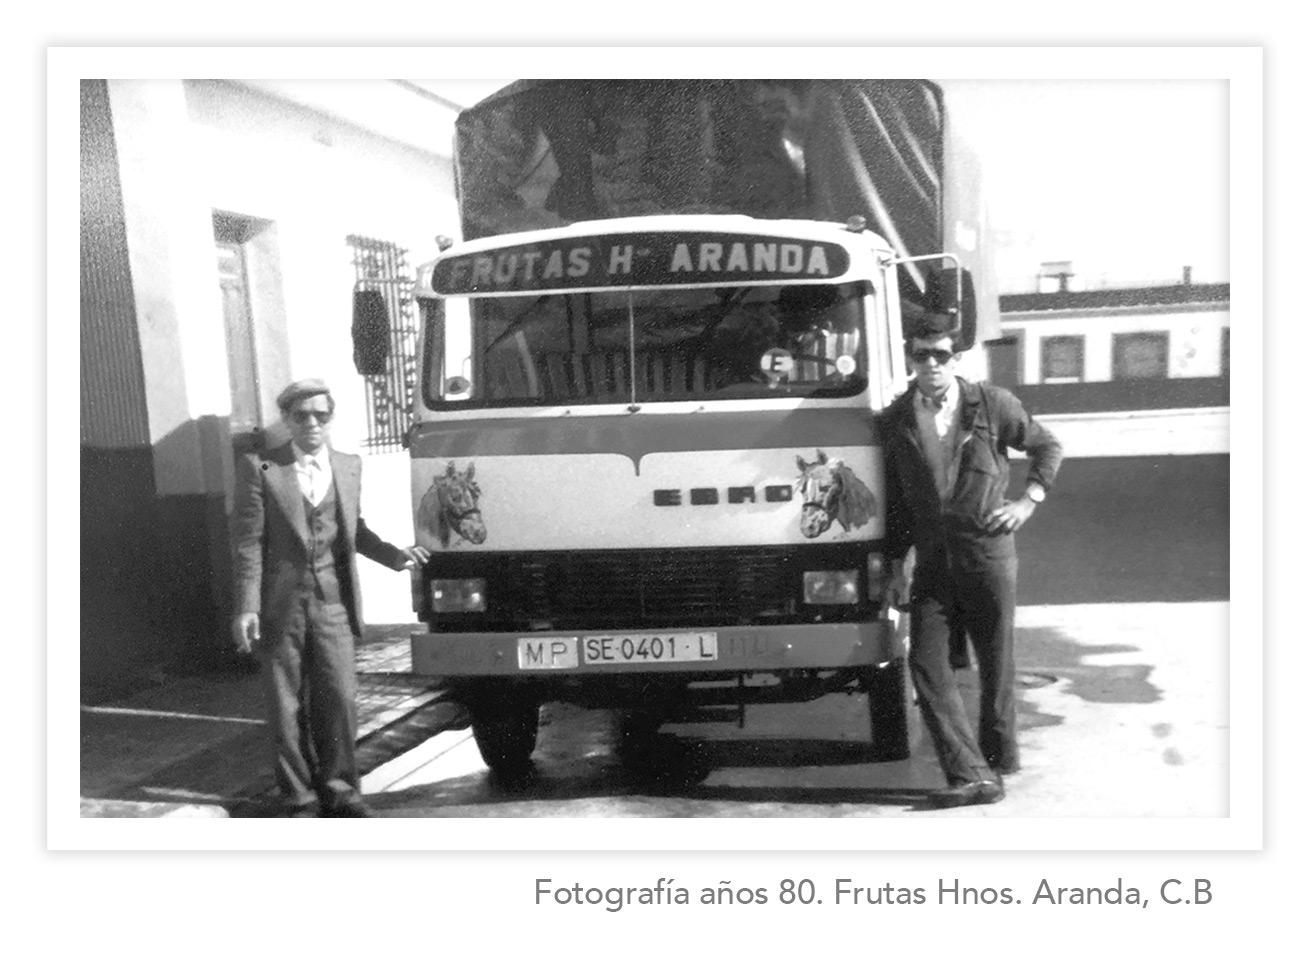 Arandafruit-1980-sevilla-tocina-el-gracianito